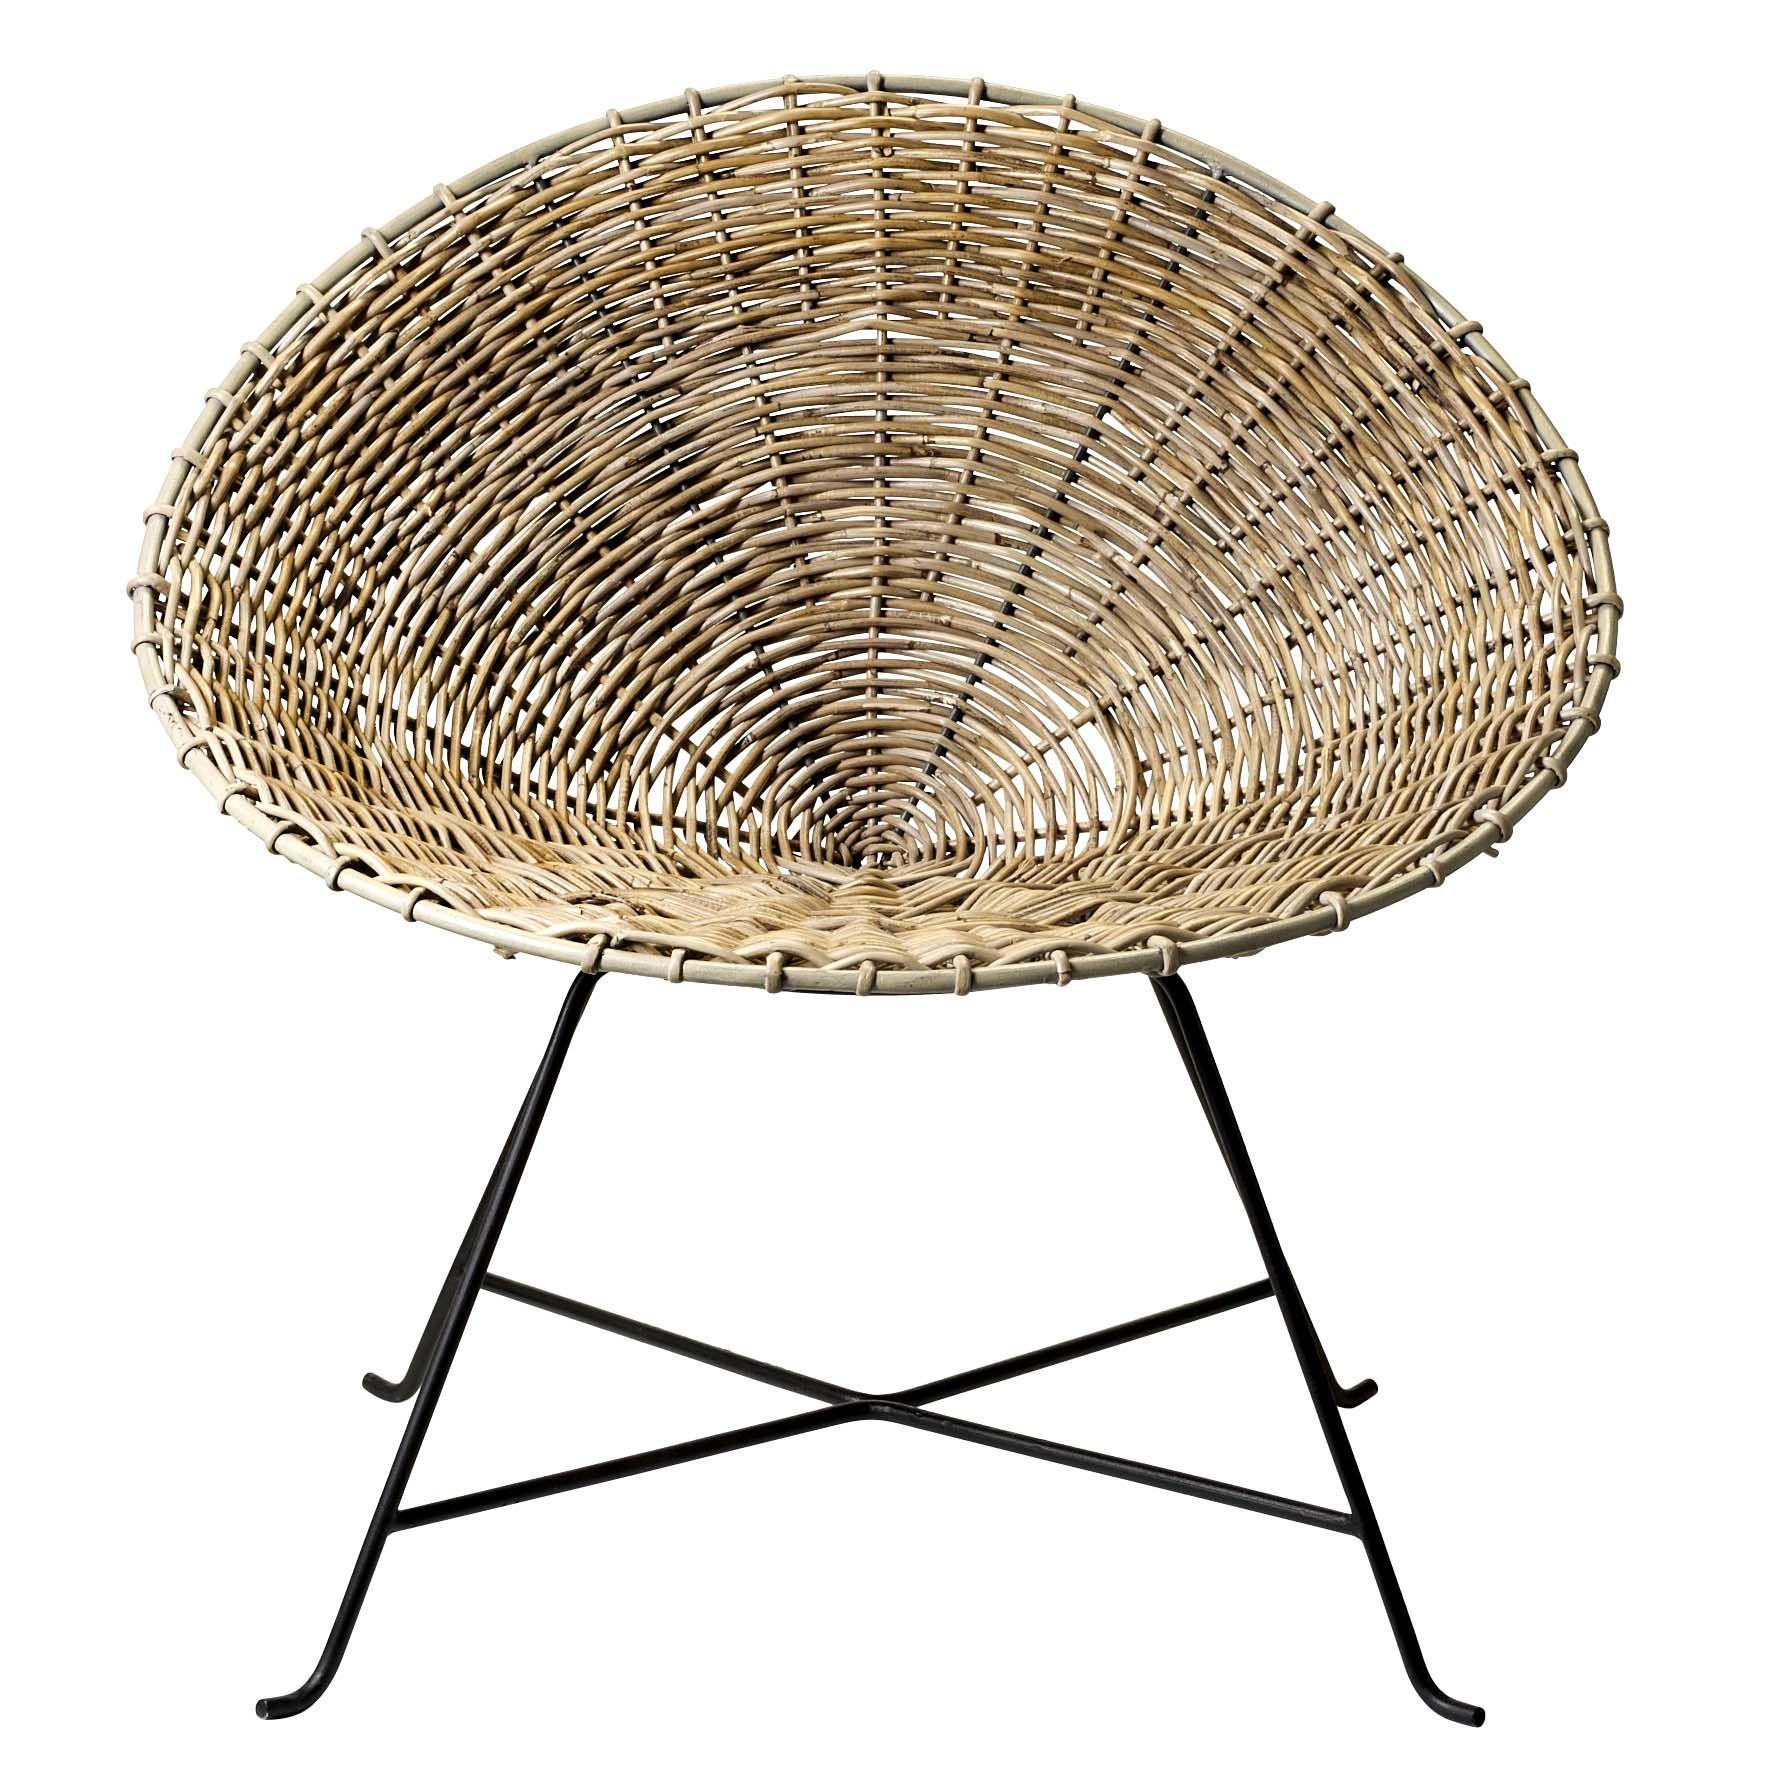 Rattan Chair From Bloomingville 3 Korbsessel Stuhle Korbstuhle